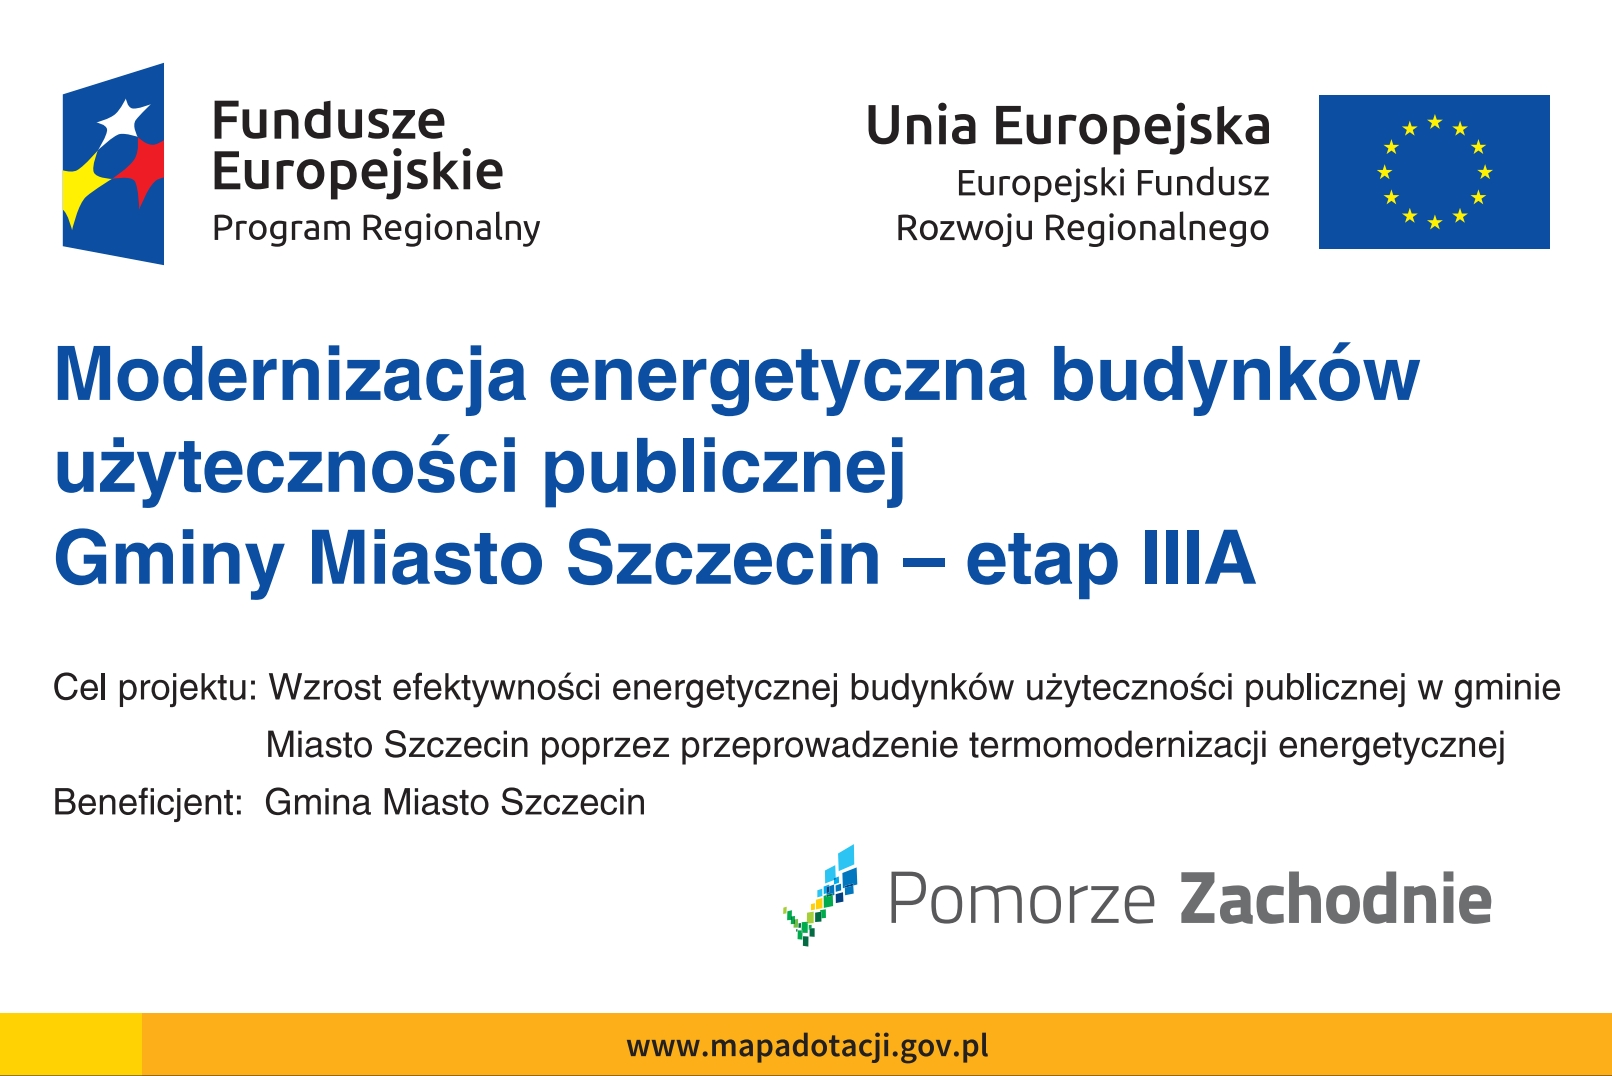 Modernizacja energetyczna budynków użyteczności publicznej Gminy Miasto Szczecin